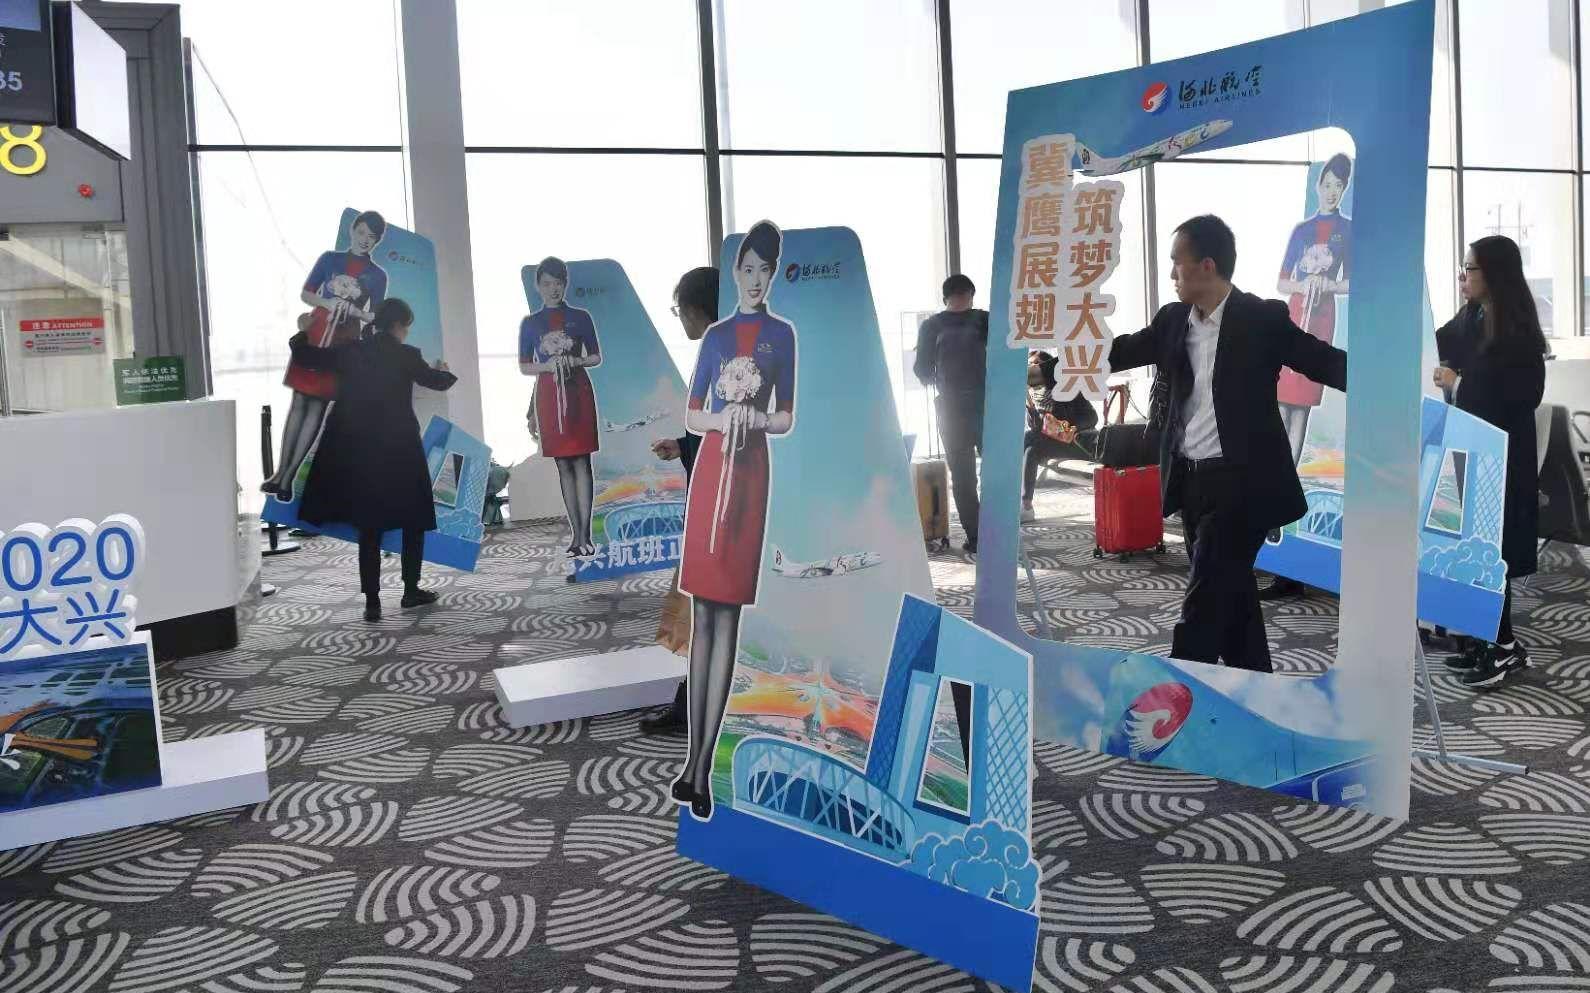 梦幻国际娱乐app下载,爆冷!雅思1-2不敌印尼组合,止步8强